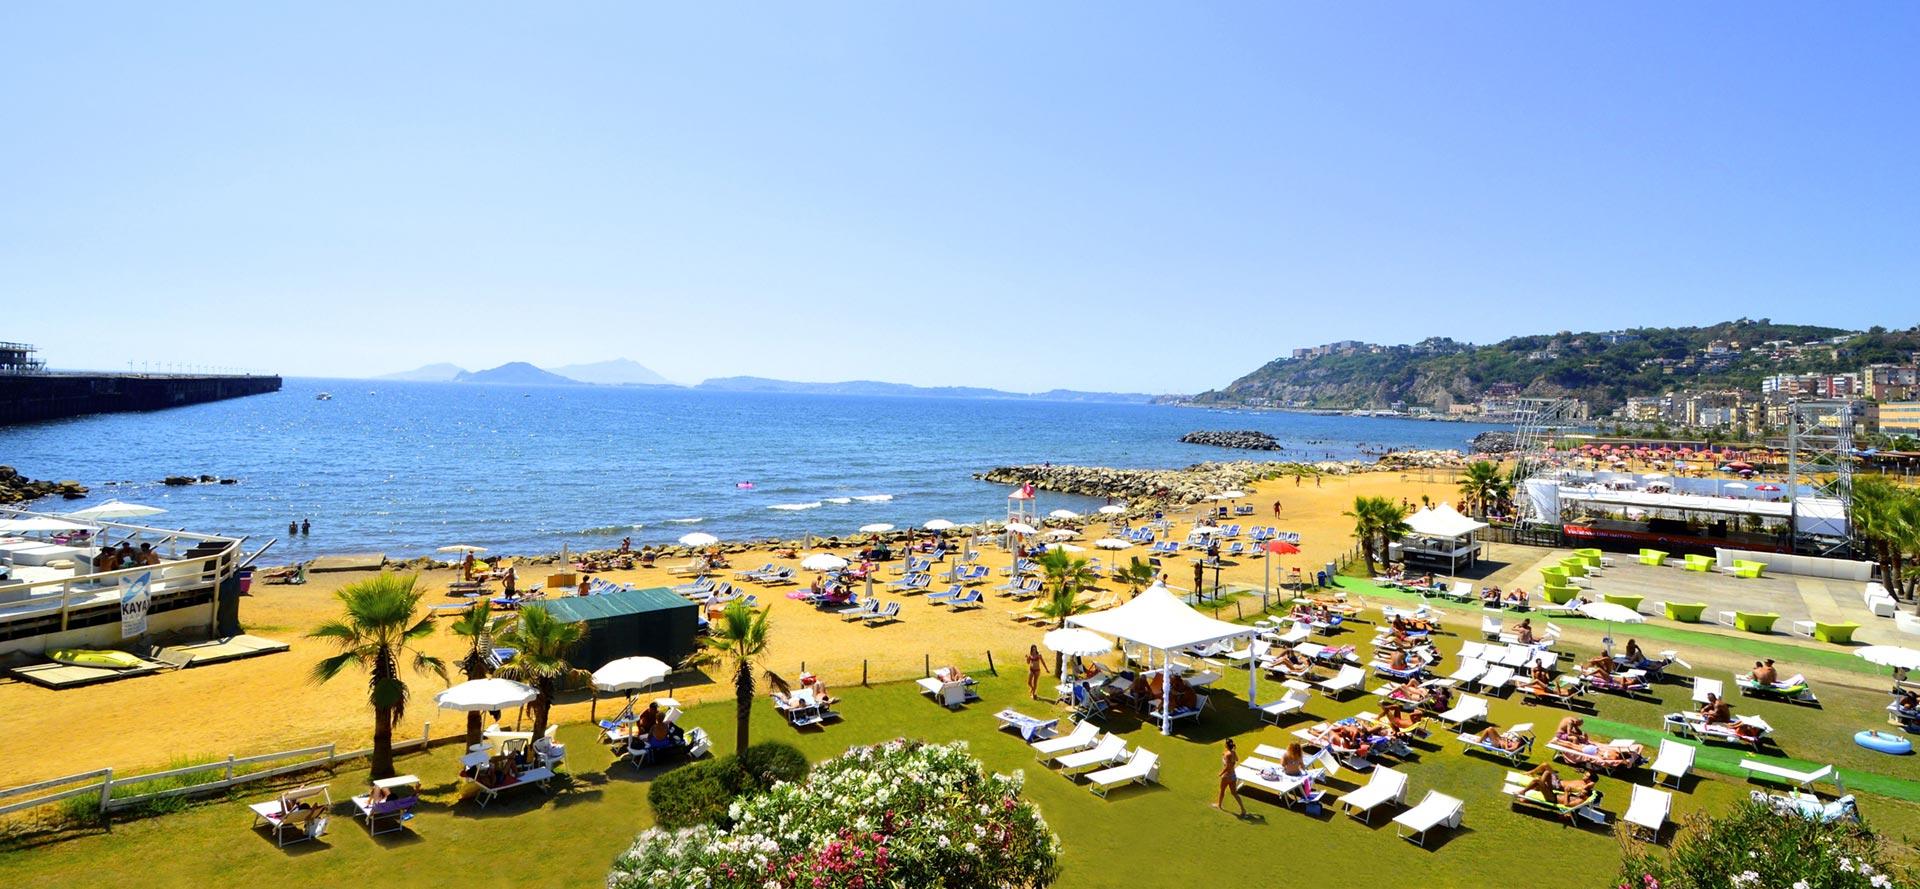 Napoli, Bagnoli: i comitati mettono il veto, de Magistris annulla la festa all'Arenile